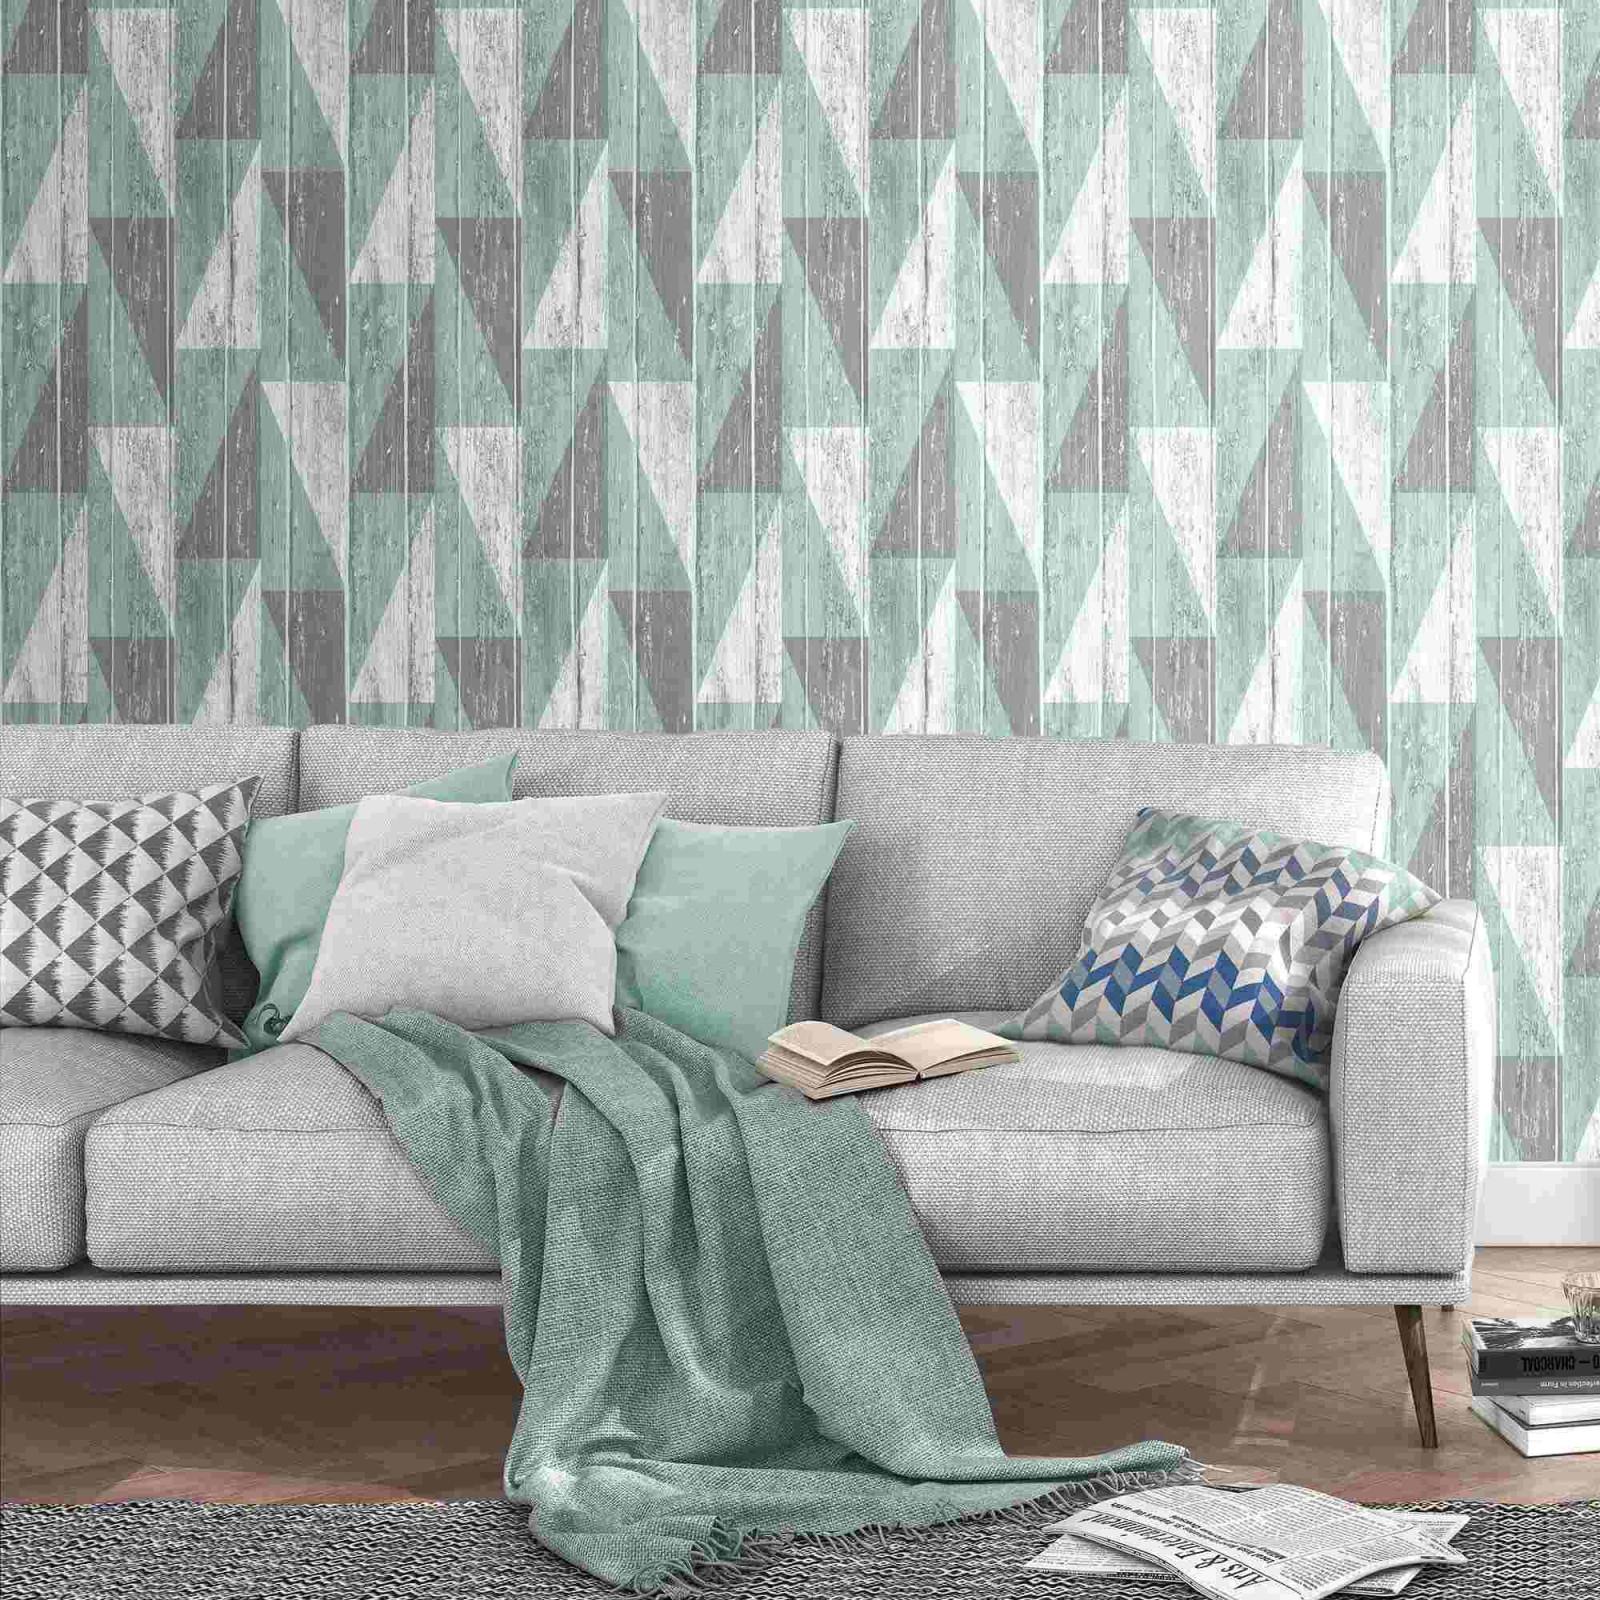 Fototapete Vliestapete 3D Tapete  Mehr – Jetzt Bei Rasch von Ausgefallene Tapeten Wohnzimmer Bild